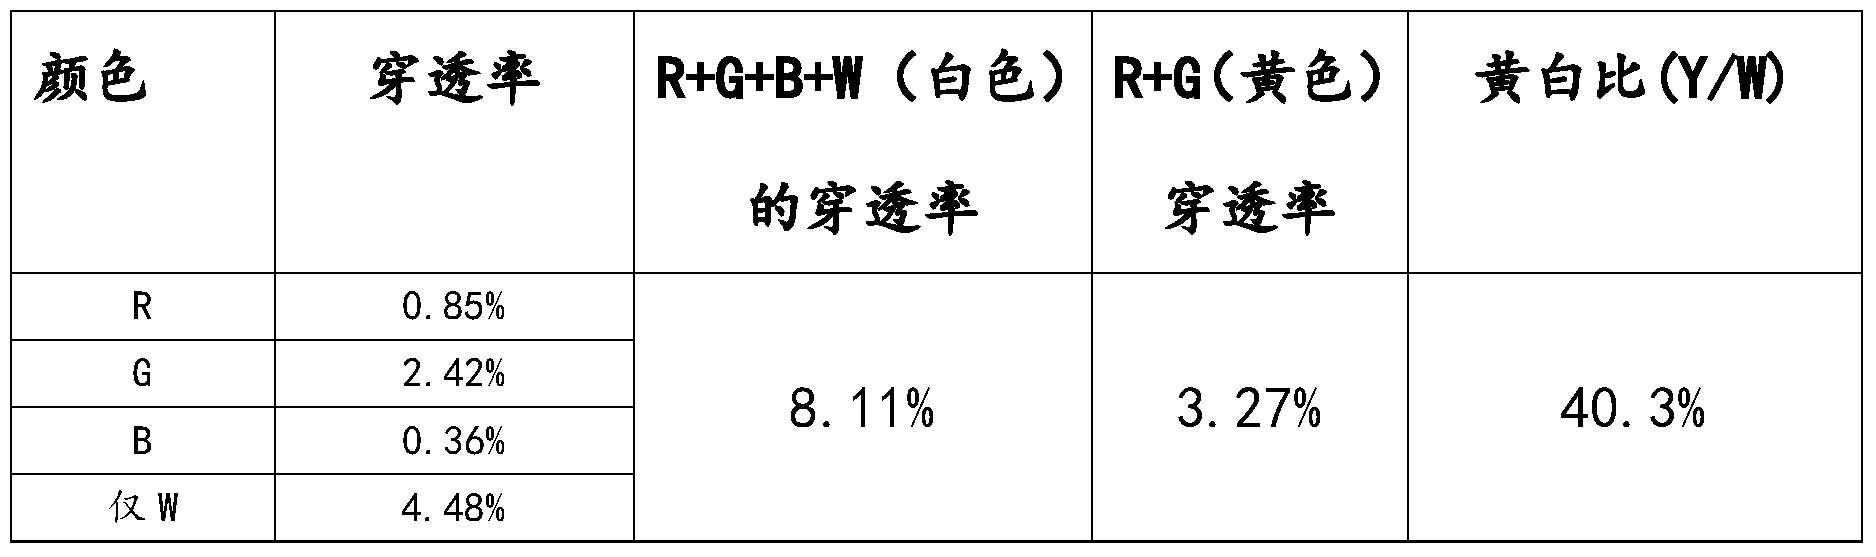 Figure PCTCN2018071960-appb-000001